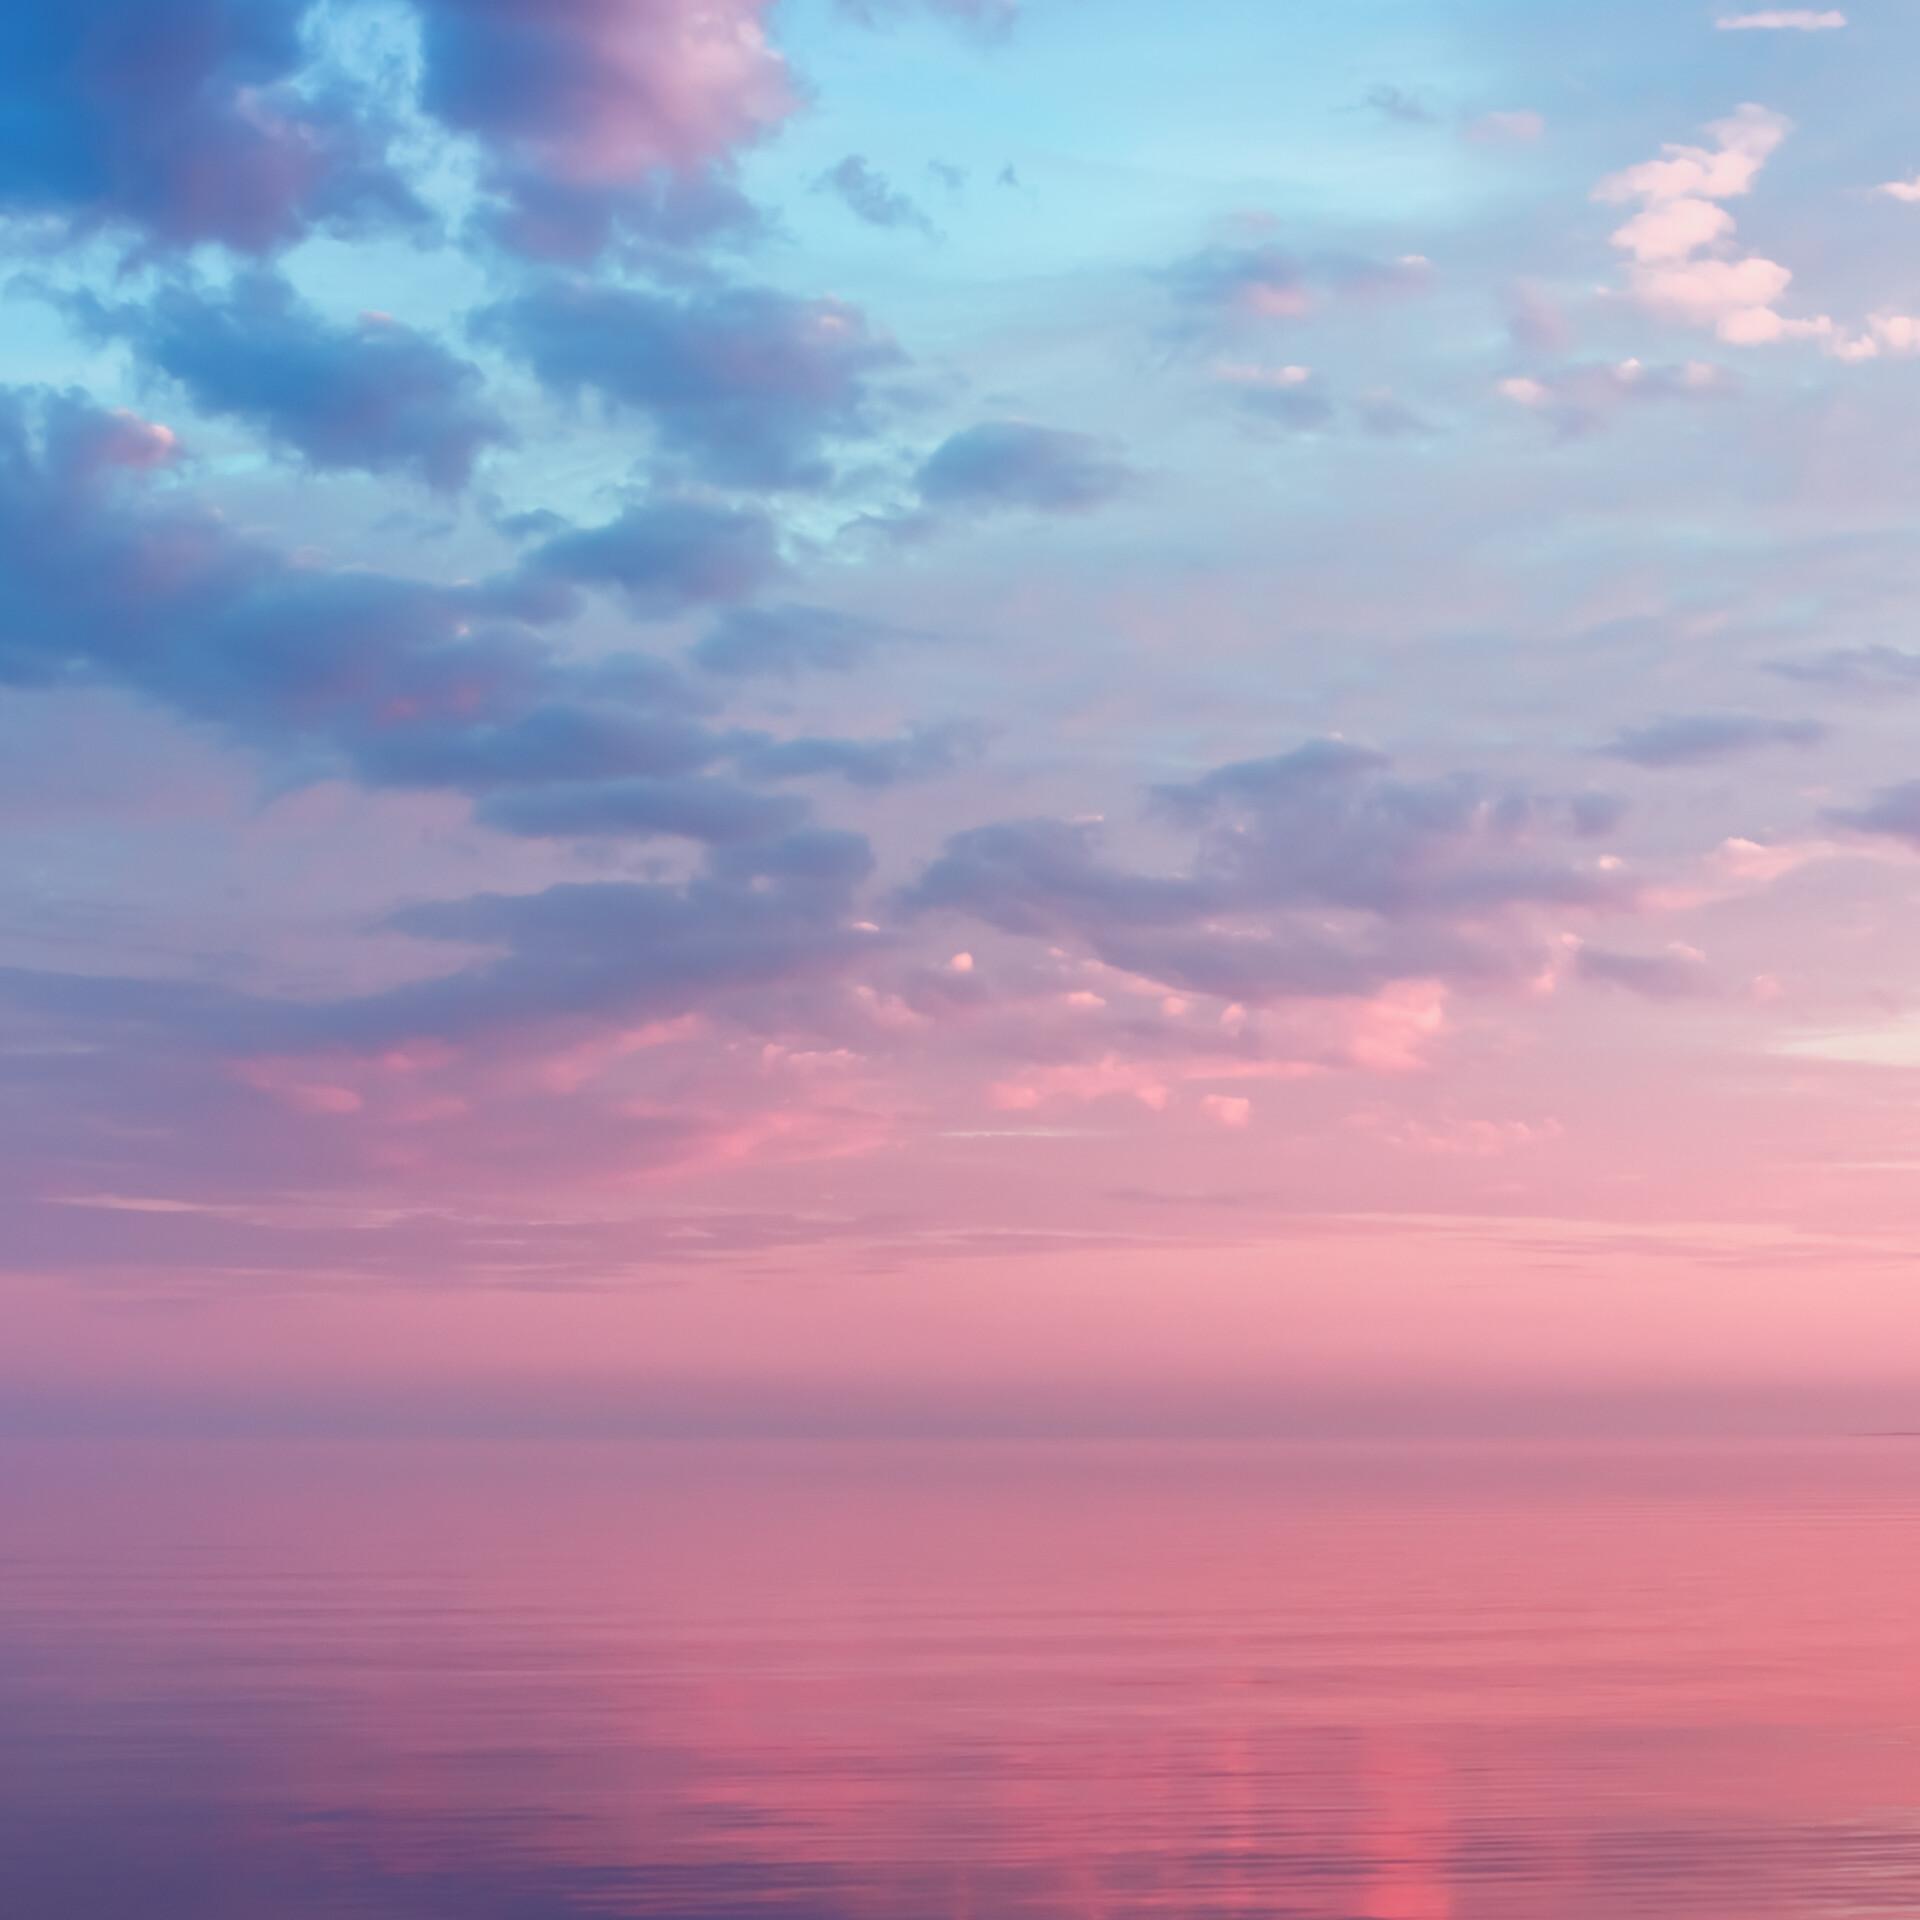 Morgenrot über dem Meer